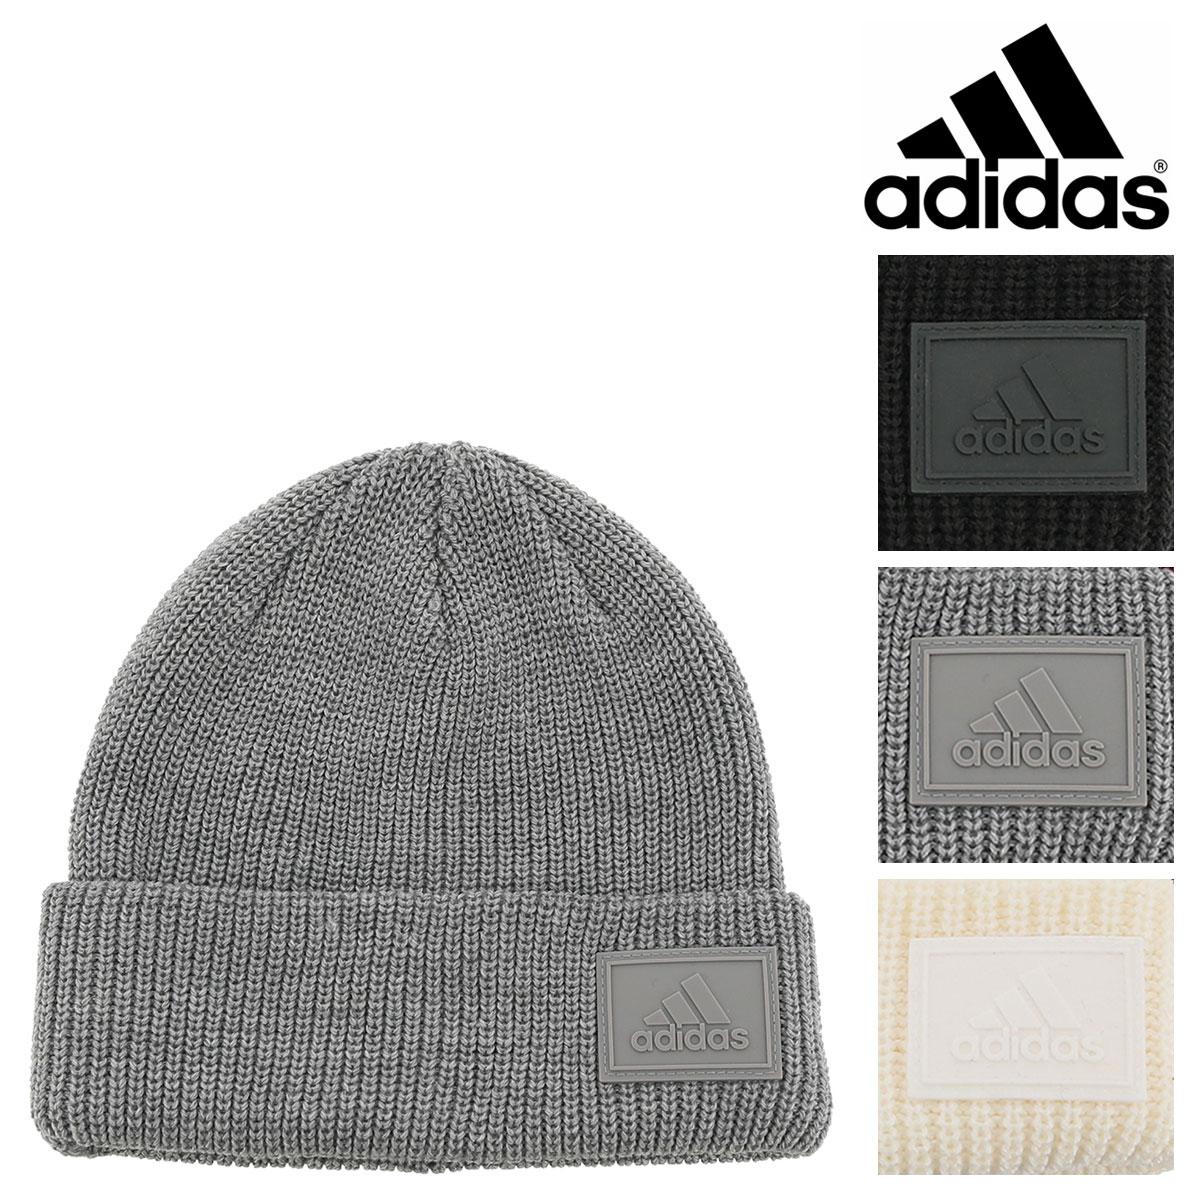 アディダス ニット帽 パッチワッチ メンズ レディース 188111802 adidas |帽子 ビーニー ニットキャップ[即日発送]